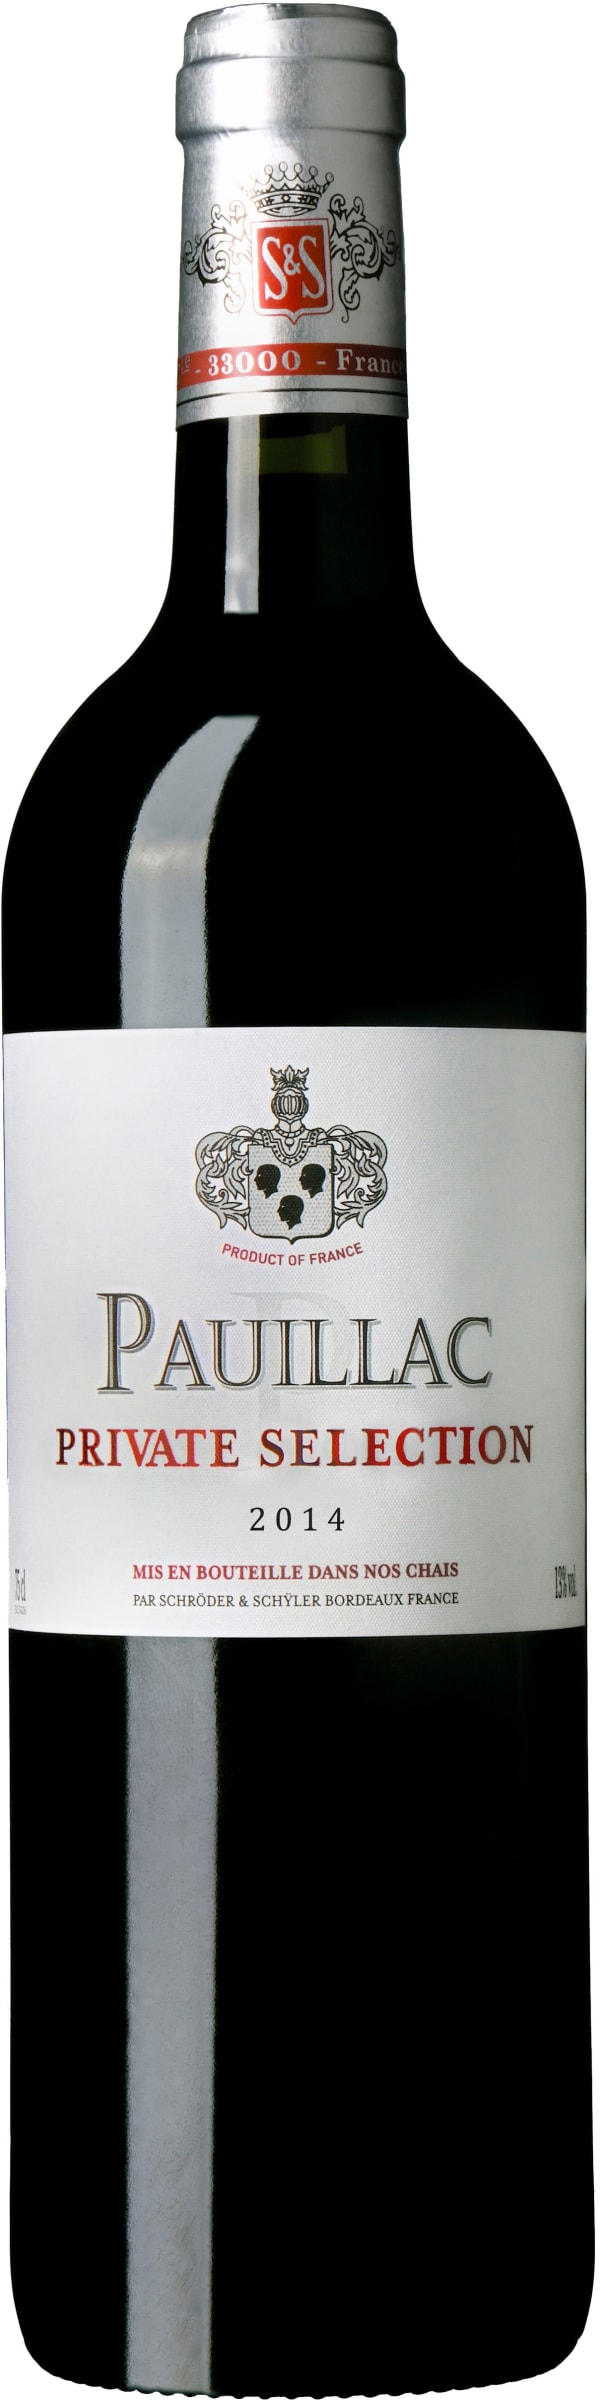 Schröder & Schÿler Private Selection Pauillac 2014